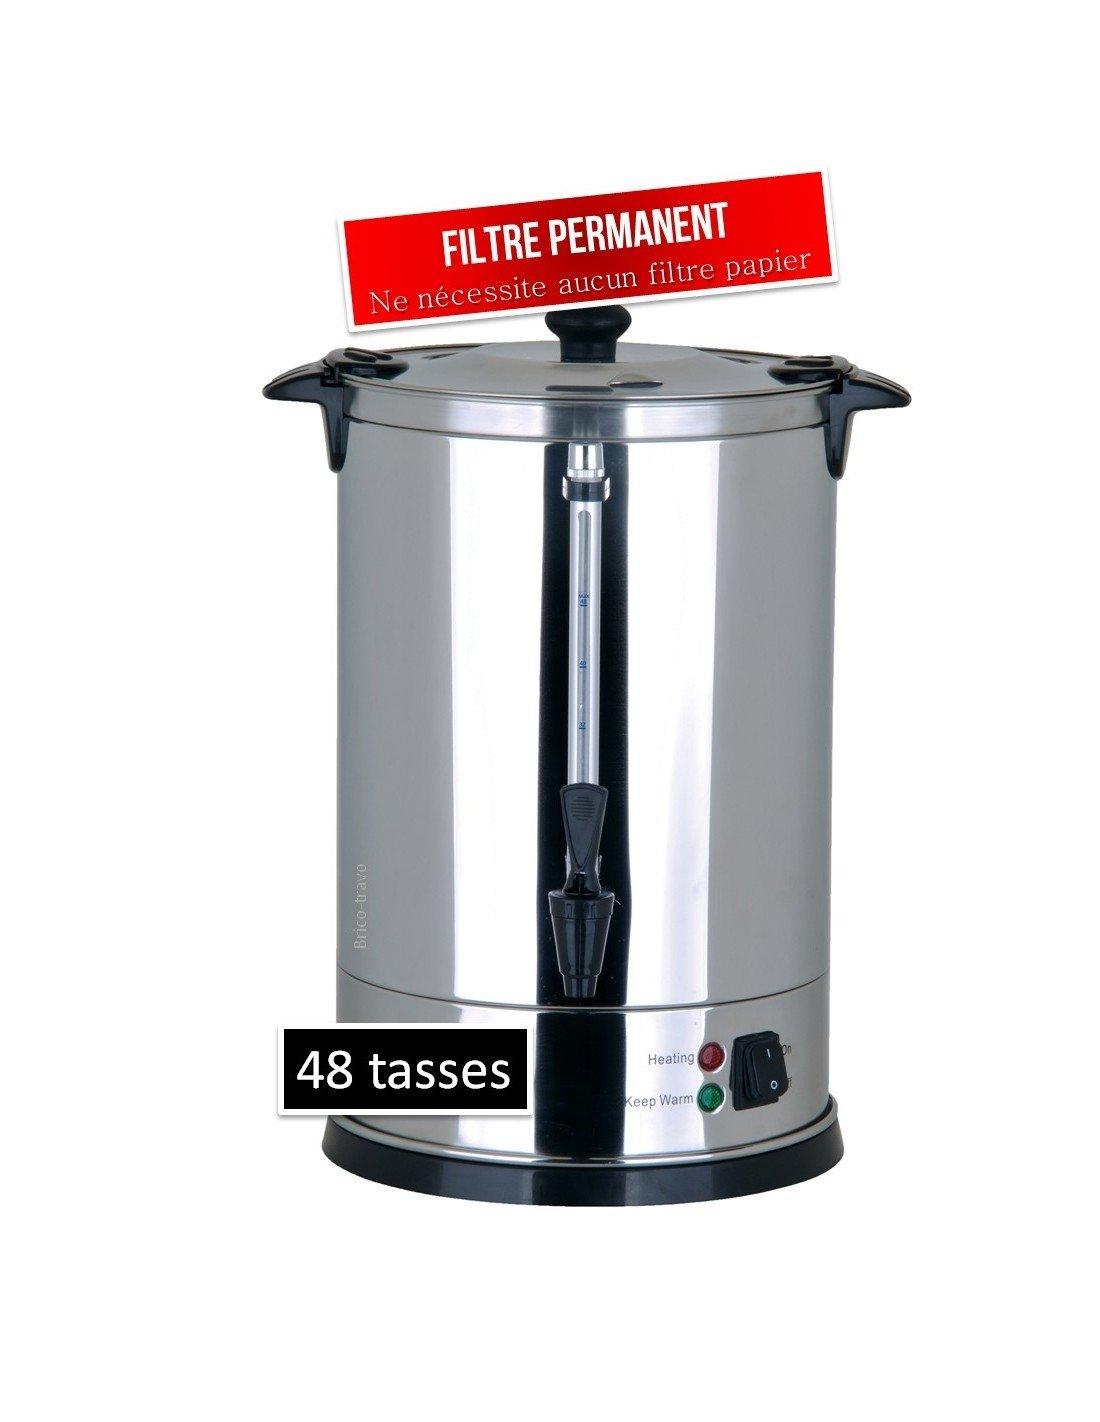 Casselin CPC48 cafetera eléctrica - calentadores de agua (Negro, Acero inoxidable, Acero inoxidable): Amazon.es: Hogar